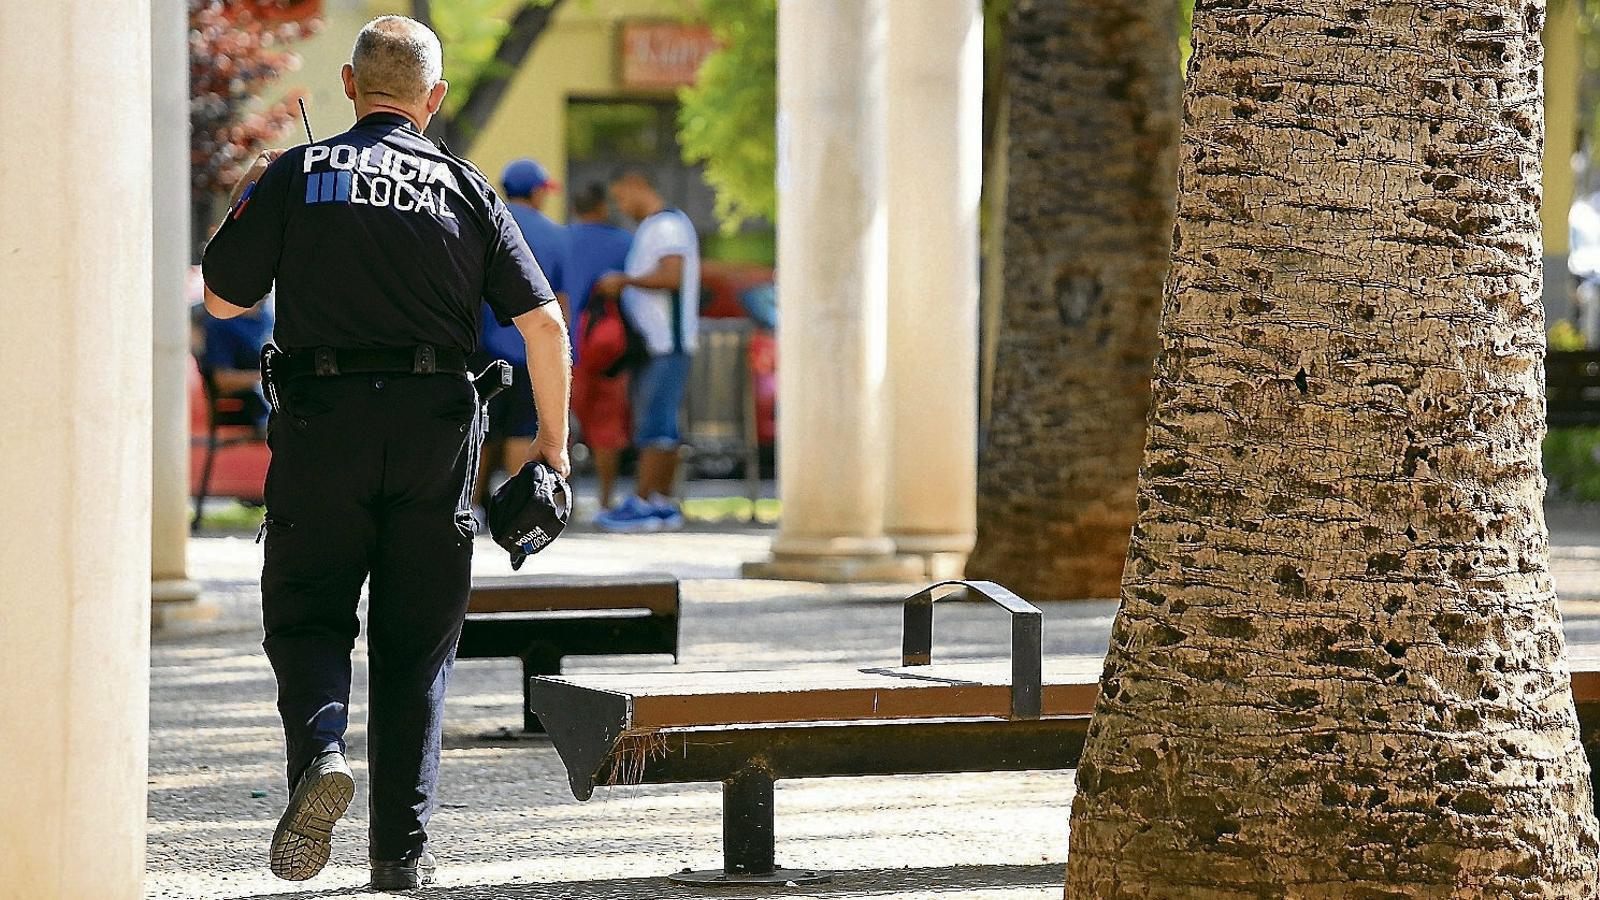 Les policies no eviten que continuï augmentant la delinqüència